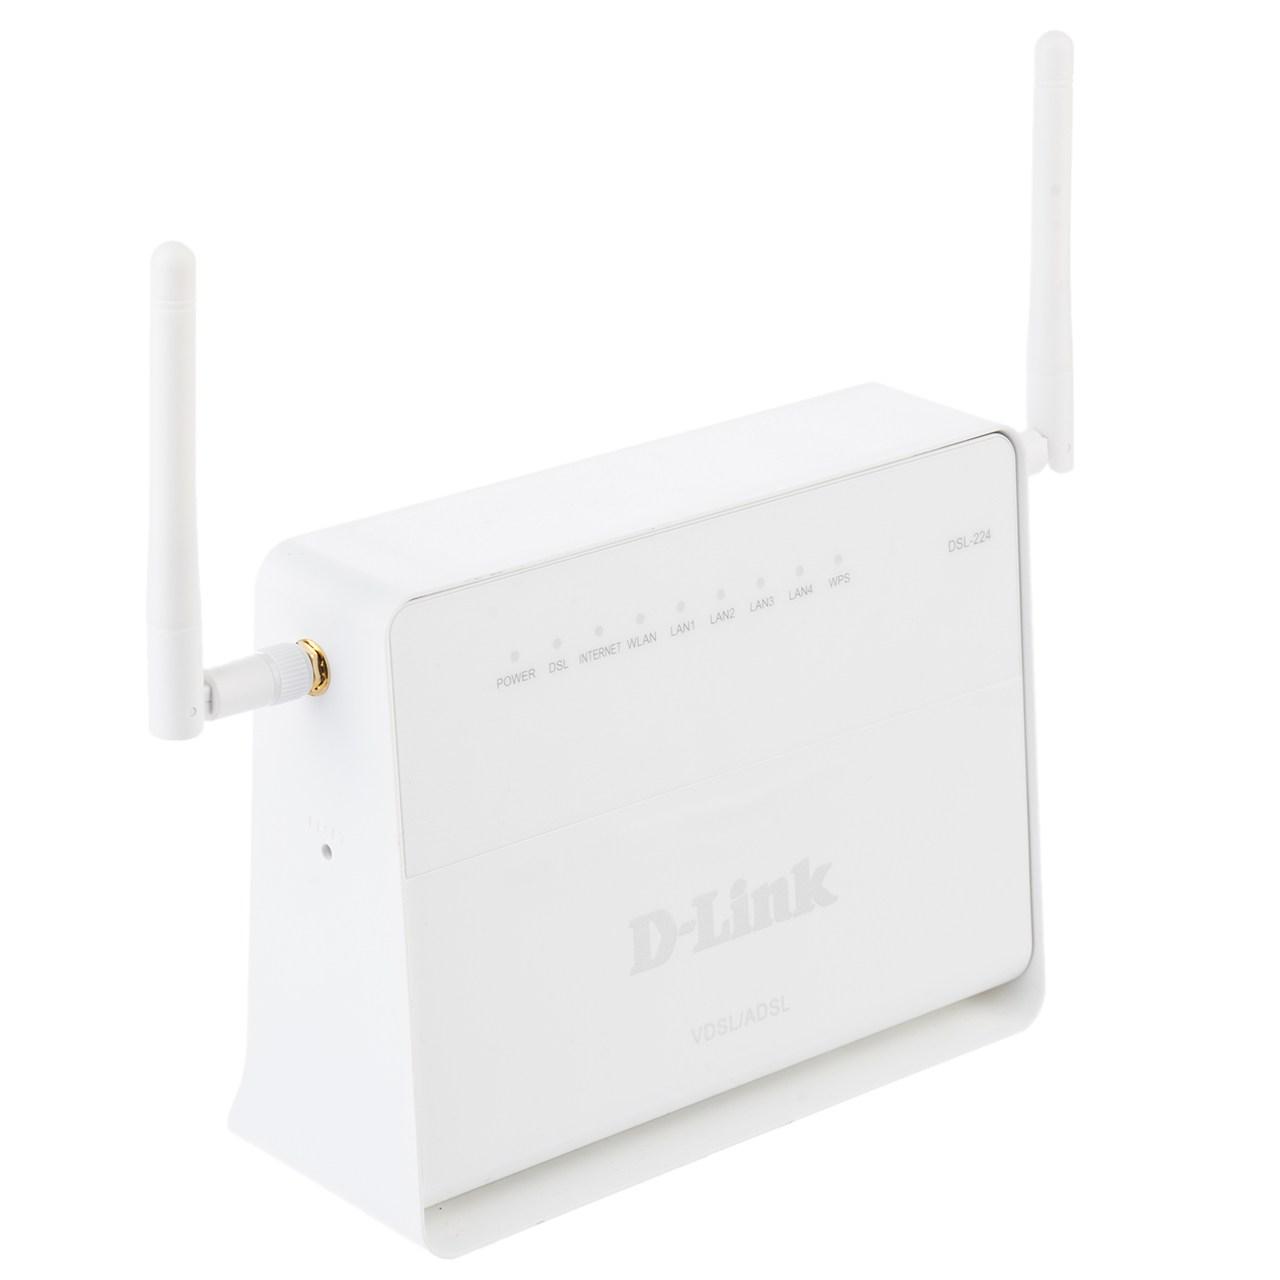 مودم روتر بي سيم ADSL2 Plus و VDSL2 دي لينك مدل DSL-224